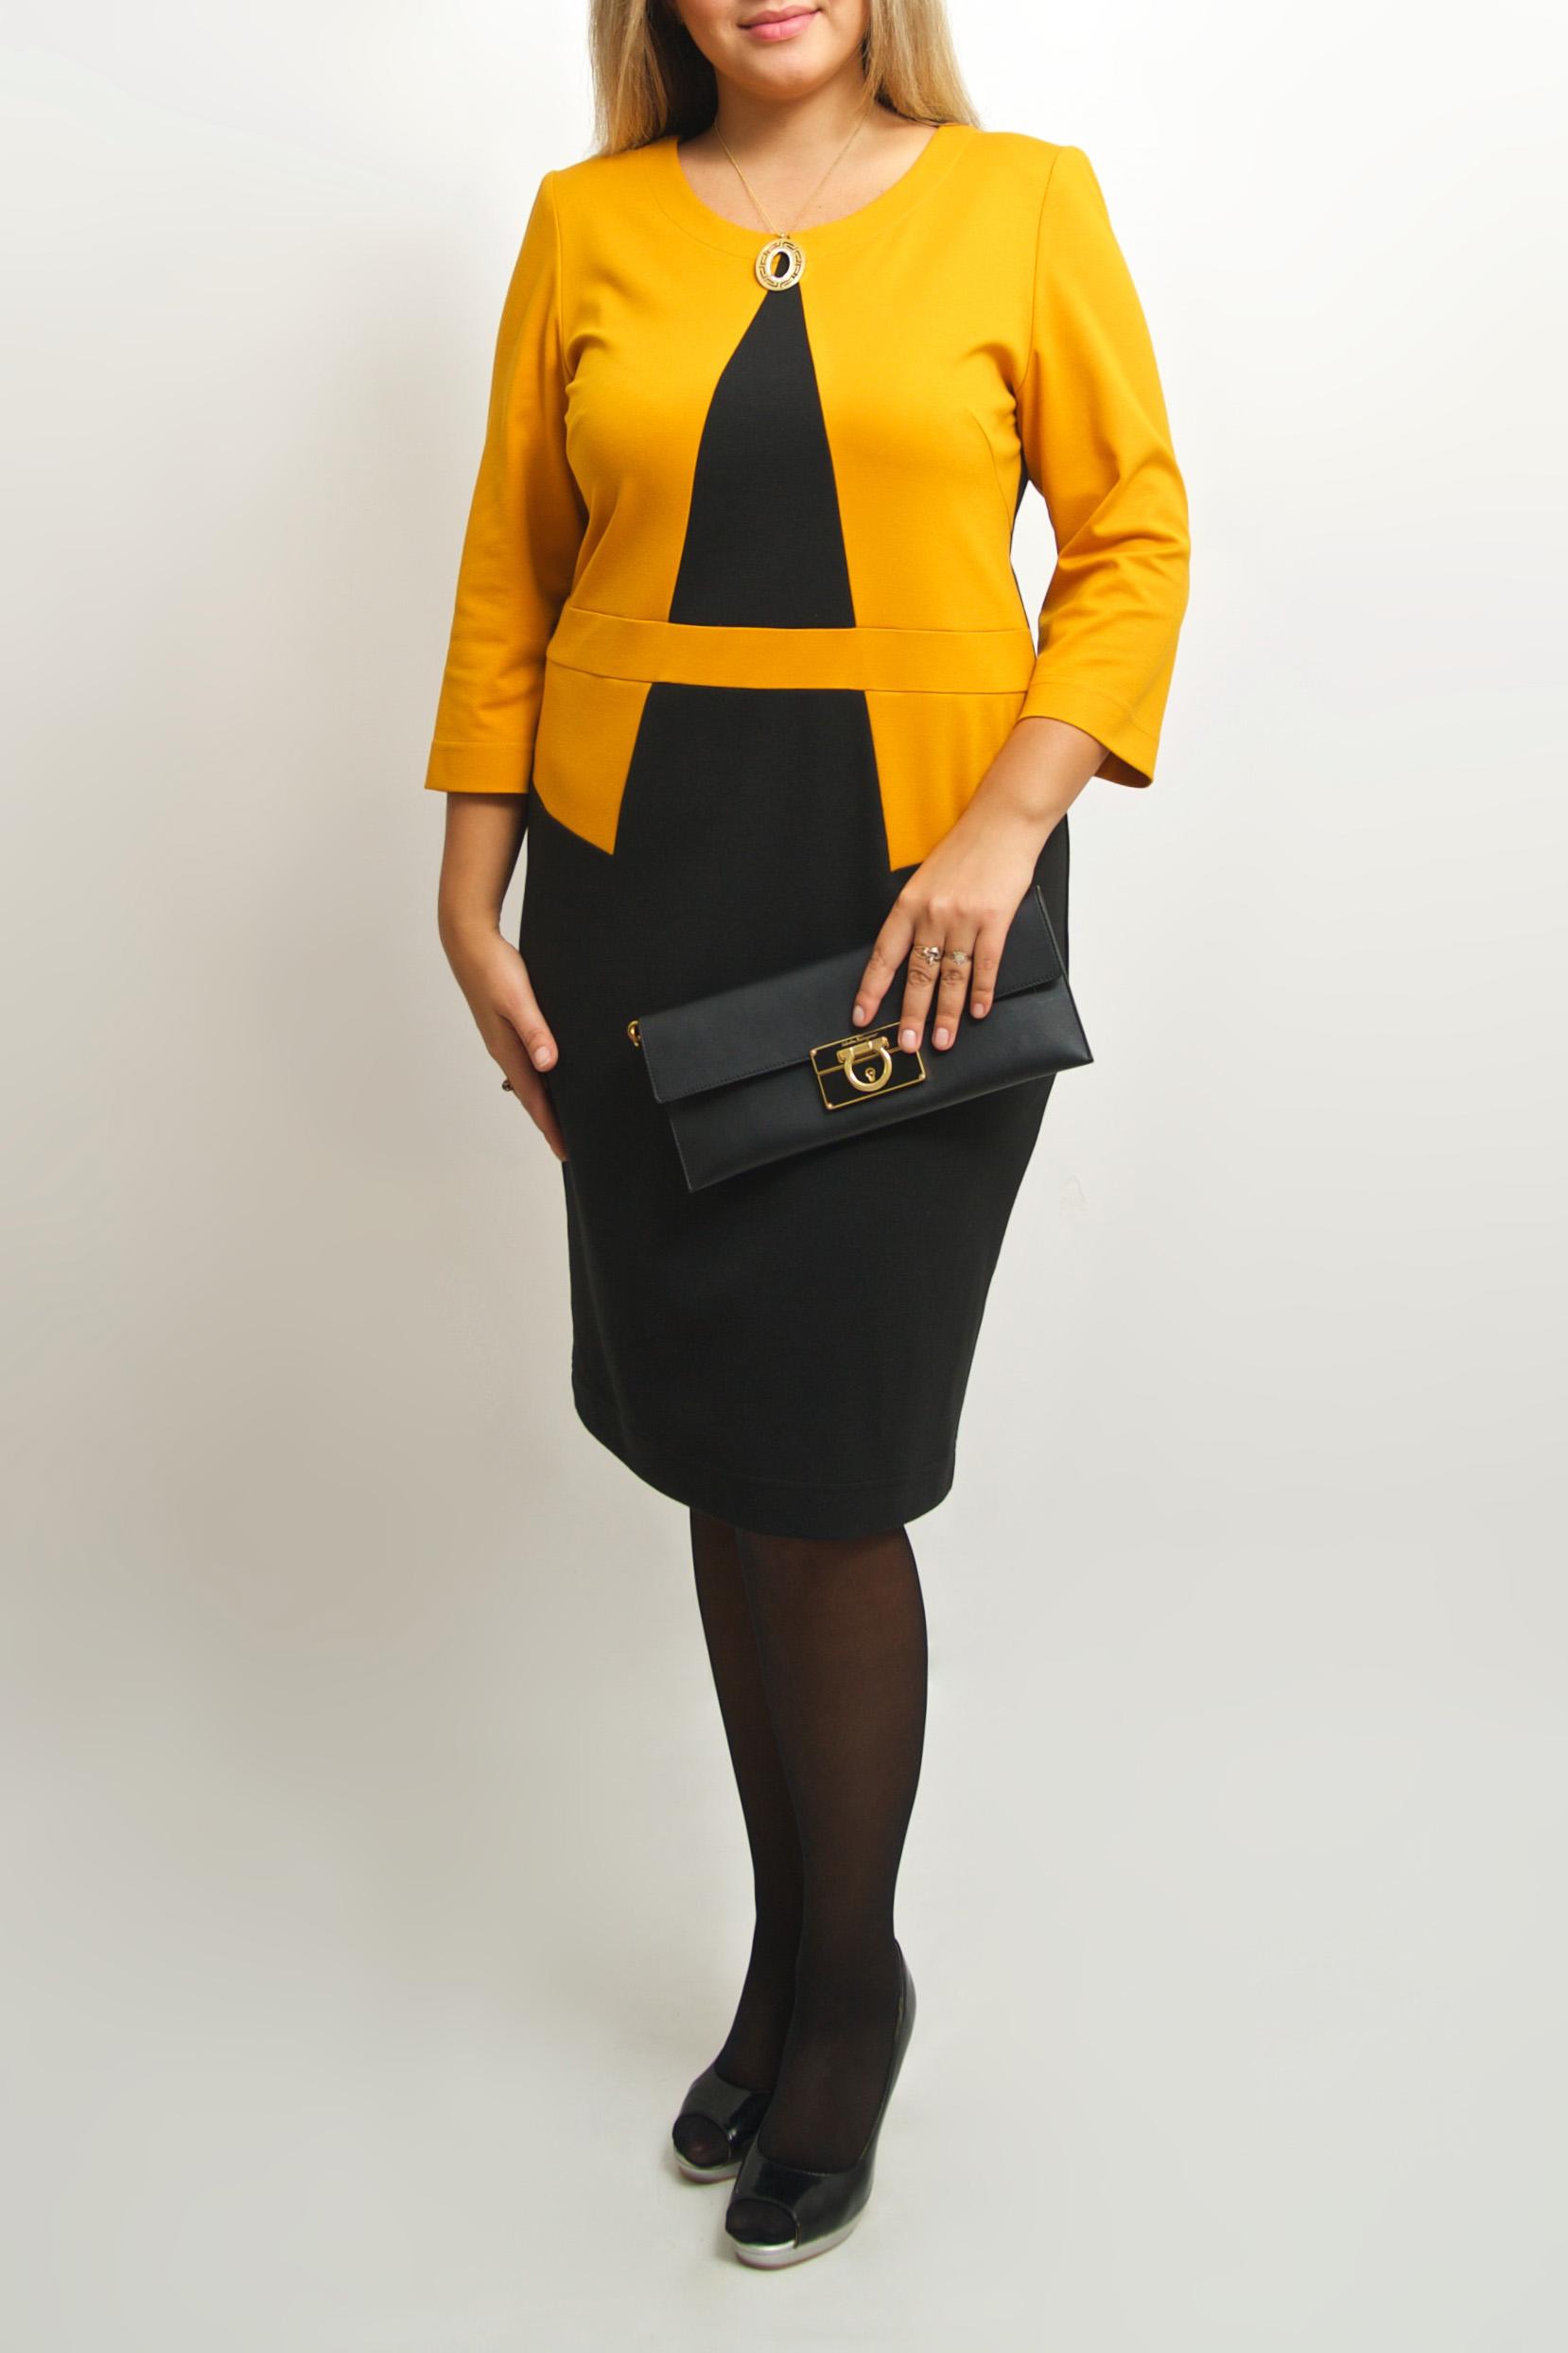 ПлатьеПлатья<br>Интересное платье с имитацией жакета и платья. Модель выполнена из мягкого трикотажа. Отличный выбор для любого случая.  В изделии использованы цвета: черный, желтый  Ростовка изделия 170 см.<br><br>Горловина: С- горловина<br>По длине: До колена<br>По материалу: Вискоза,Трикотаж<br>По рисунку: Цветные<br>По силуэту: Приталенные<br>По стилю: Повседневный стиль<br>По форме: Платье - футляр<br>Рукав: Рукав три четверти<br>По сезону: Осень,Весна,Зима<br>Размер : 46-48,50-52<br>Материал: Джерси<br>Количество в наличии: 5